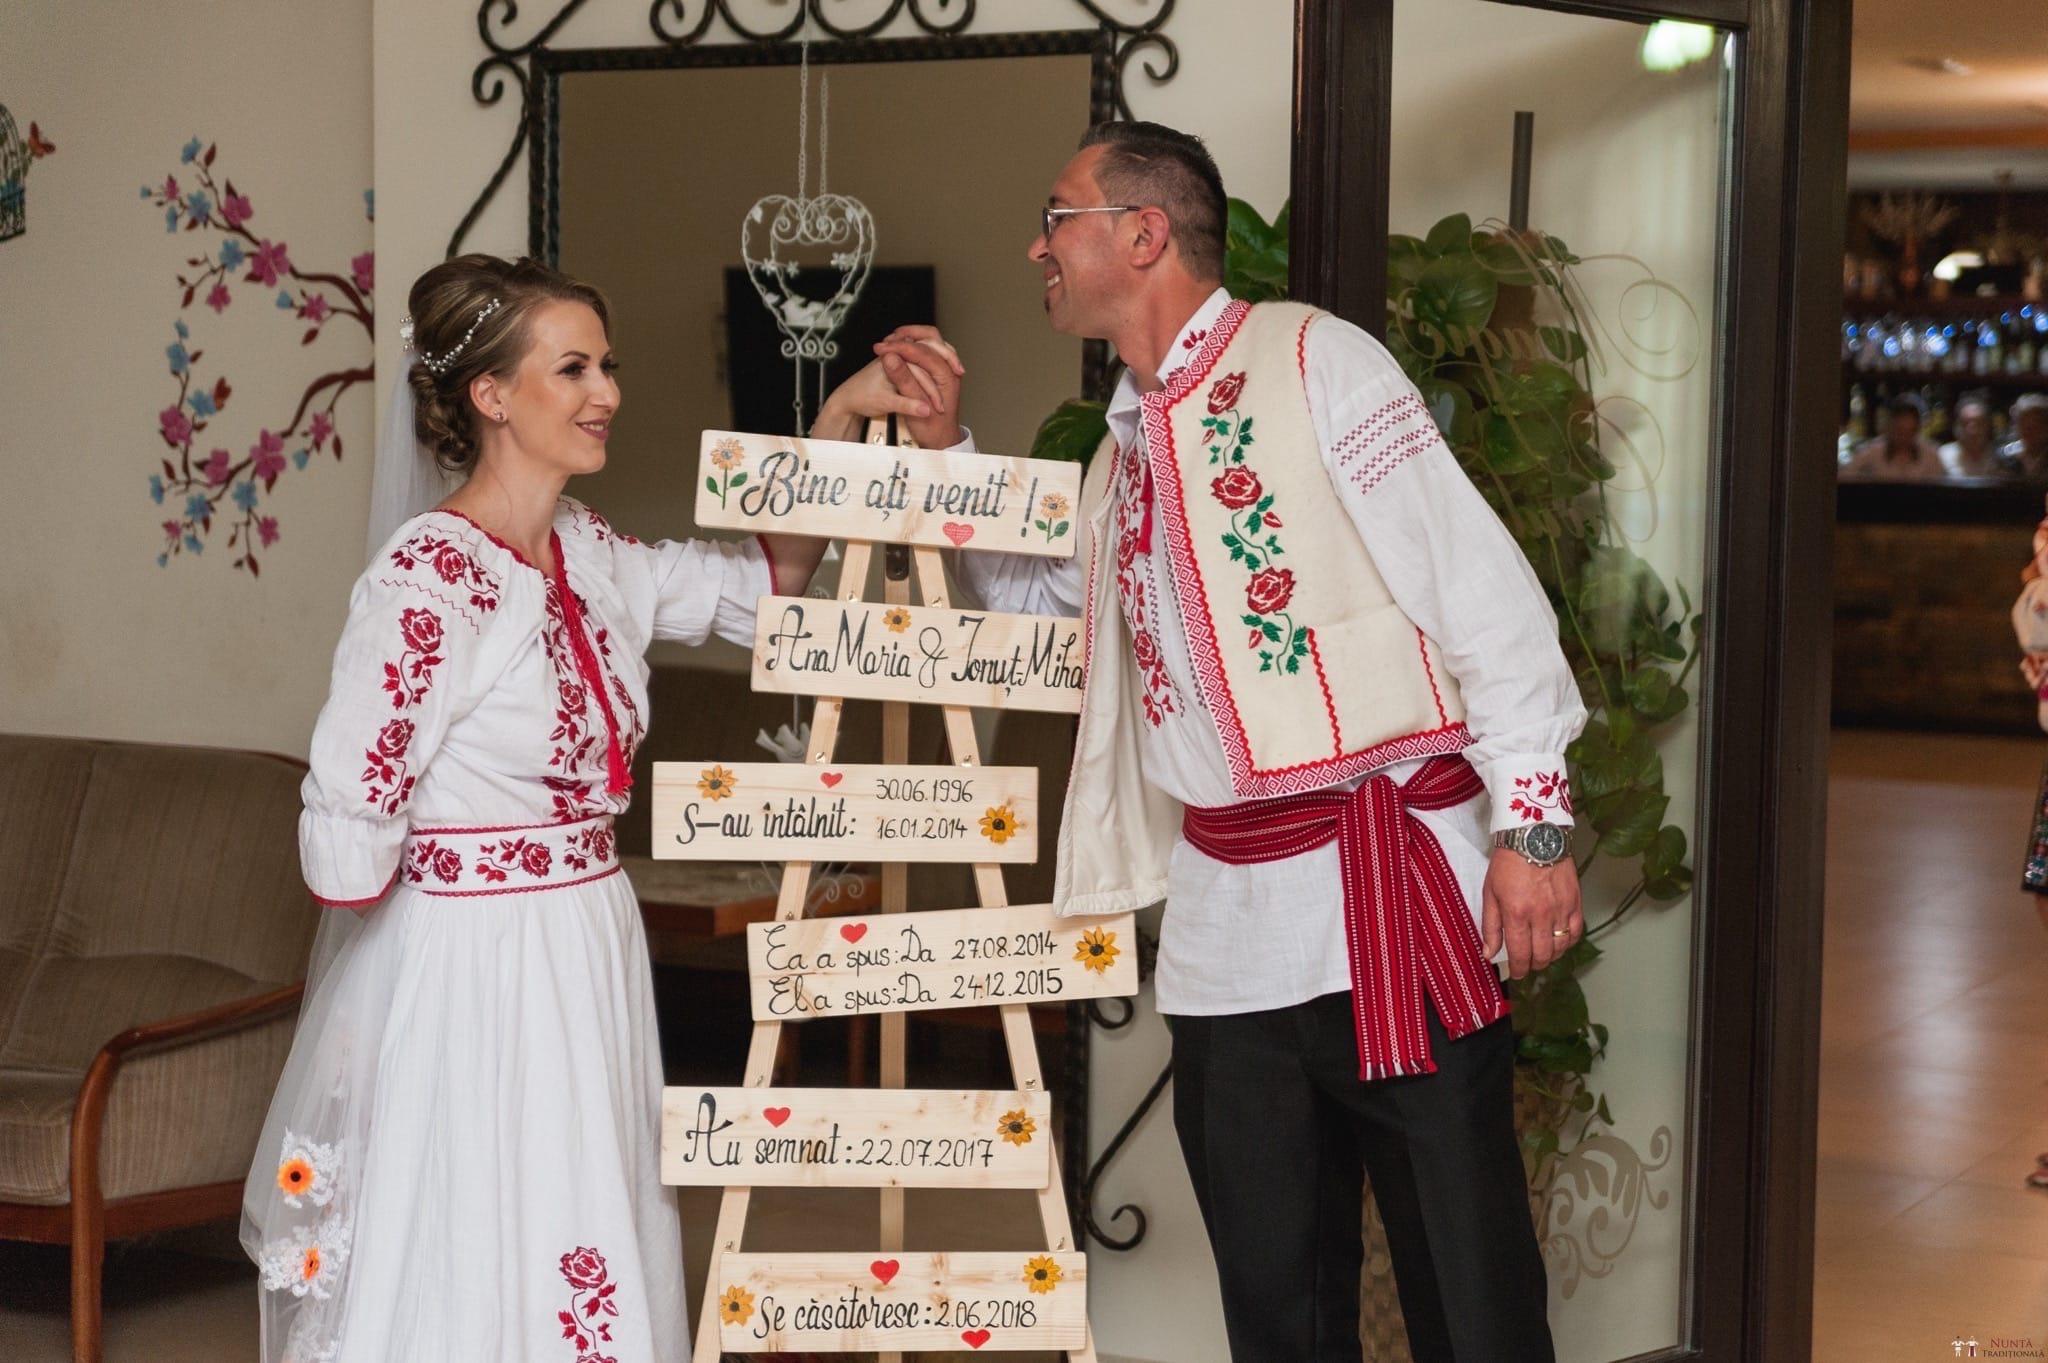 Povești Nunți Tradiționale - Anamaria și Ionuț-Mihai, nuntă în Târgu Ocna 23